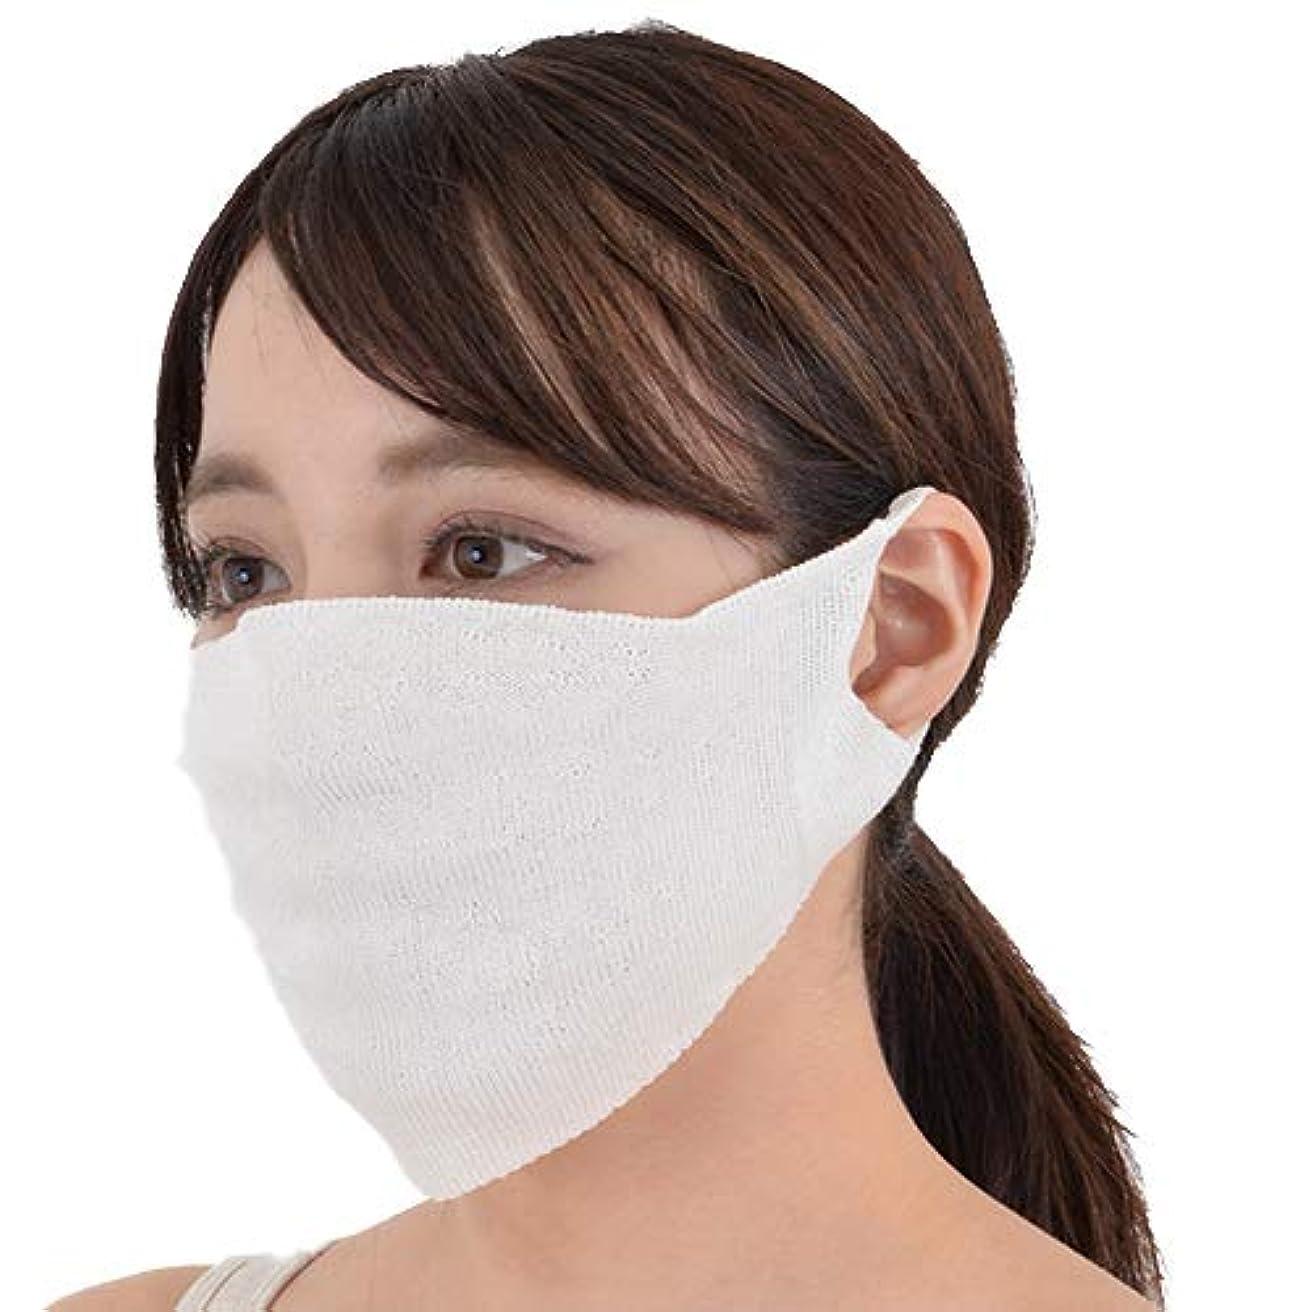 行う告白するエンドウ【SILK100%】無縫製 保湿マスク シルク100% ホールガーメント® 日本製 工場直販 (オフホワイト)(4045-7187)